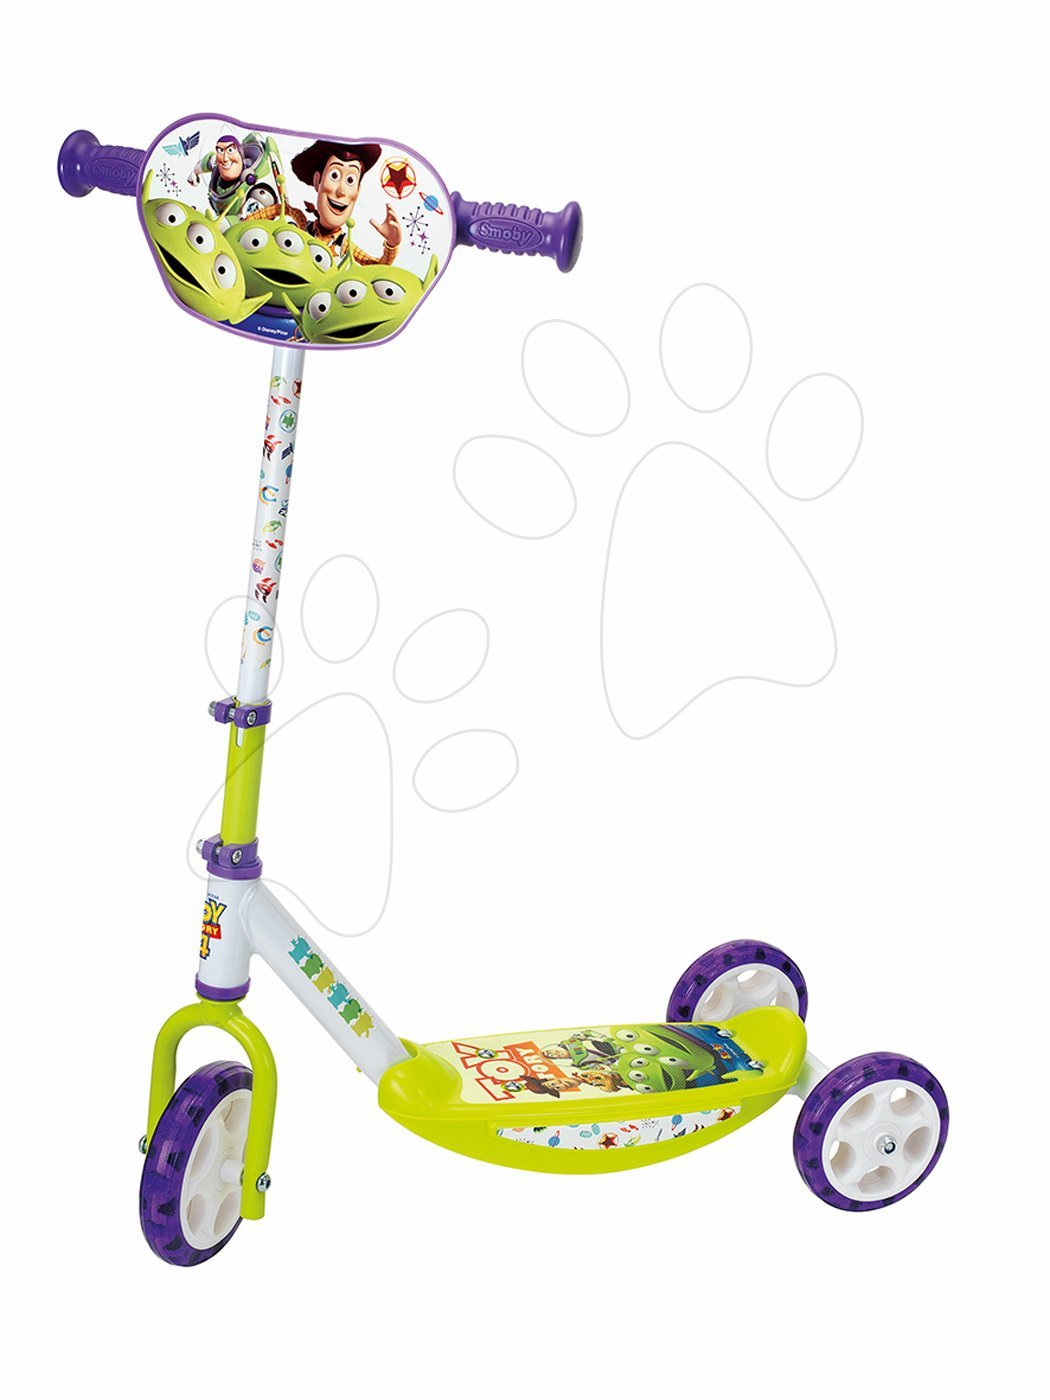 Háromkerekű roller Toy Story Disney Smoby magasságilag állítható kormány, csúszásmentes